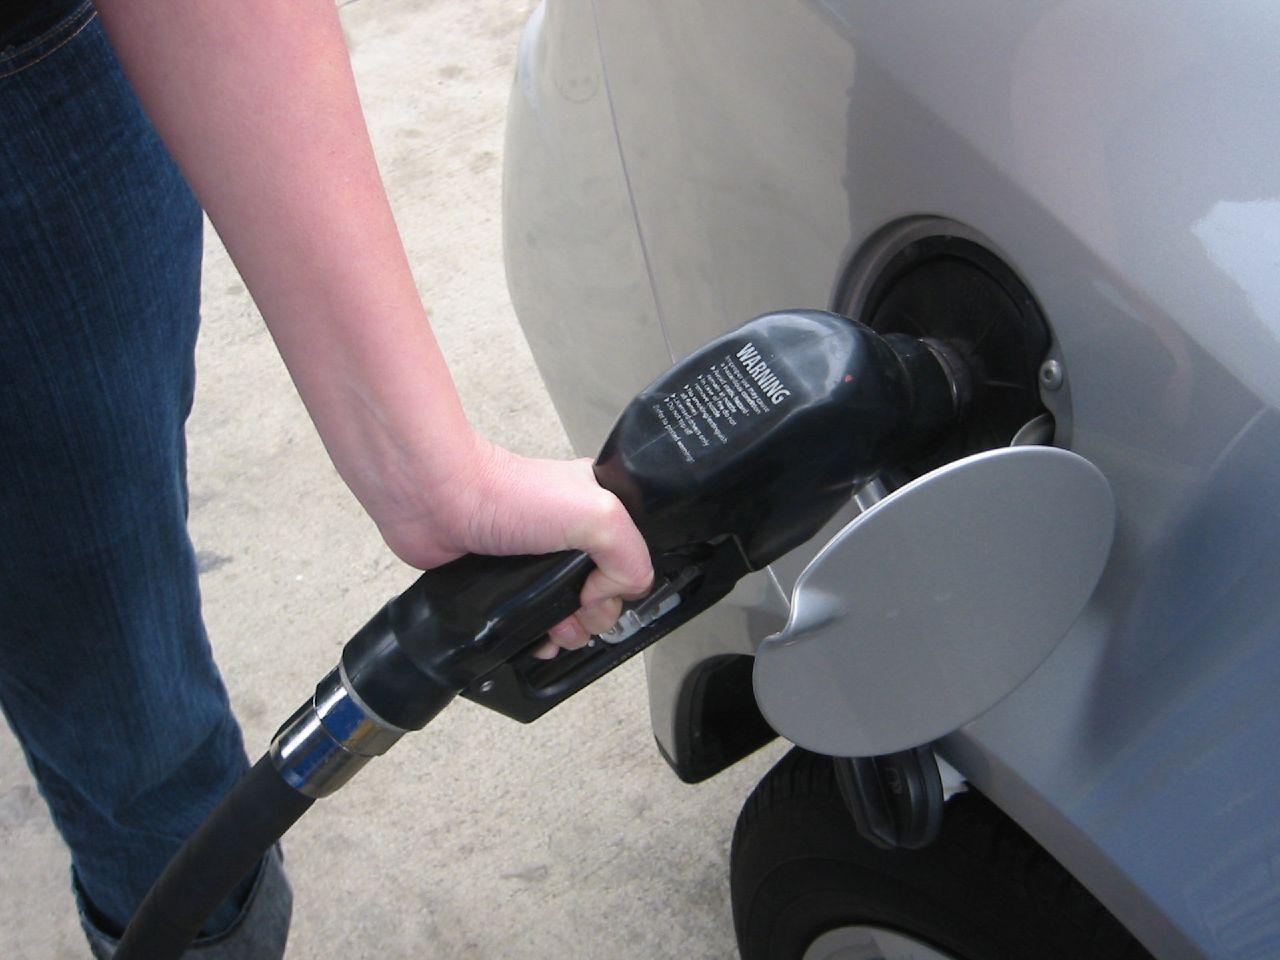 Fuel Pump (Credit: futureatlas.com/ Flickr)